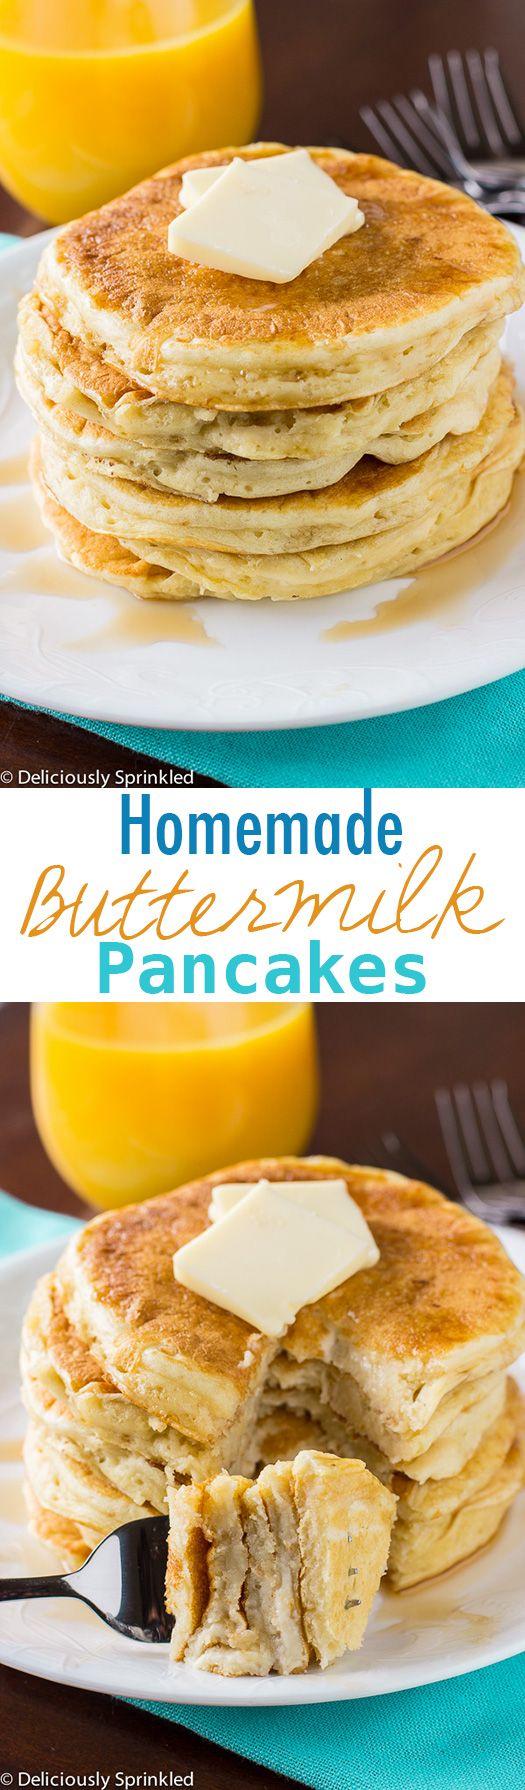 The BEST Homemade Buttermilk Pancakes